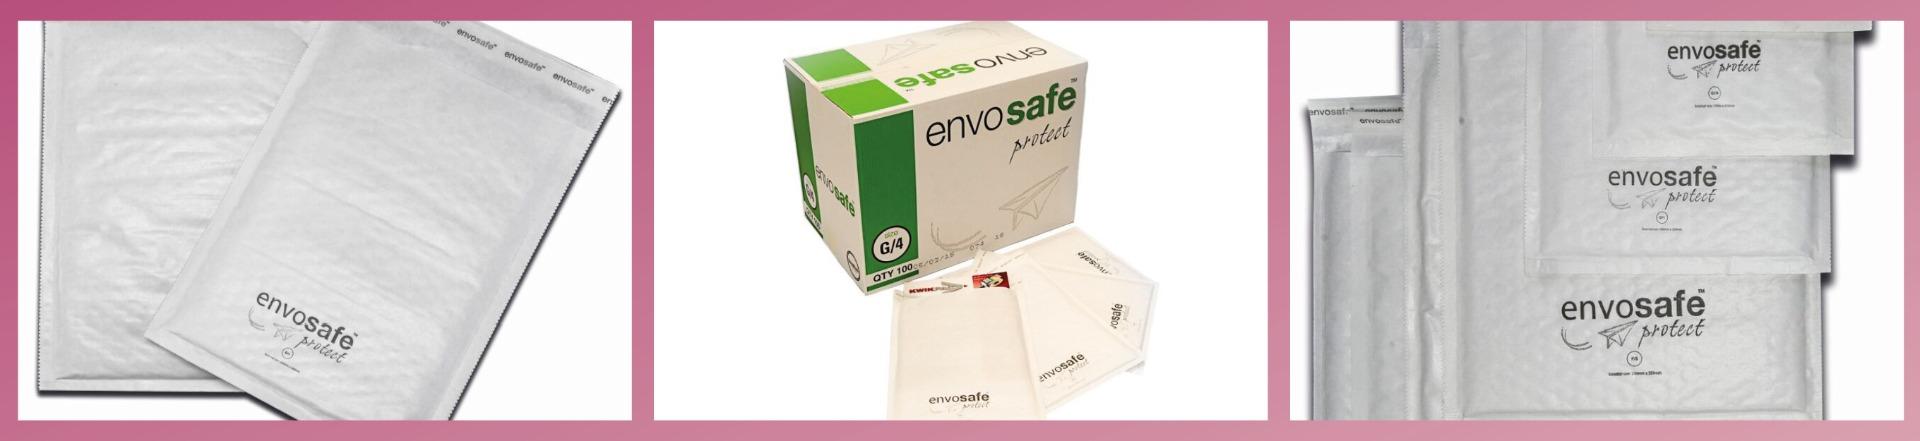 Envosafe protect bubble envelopes UK